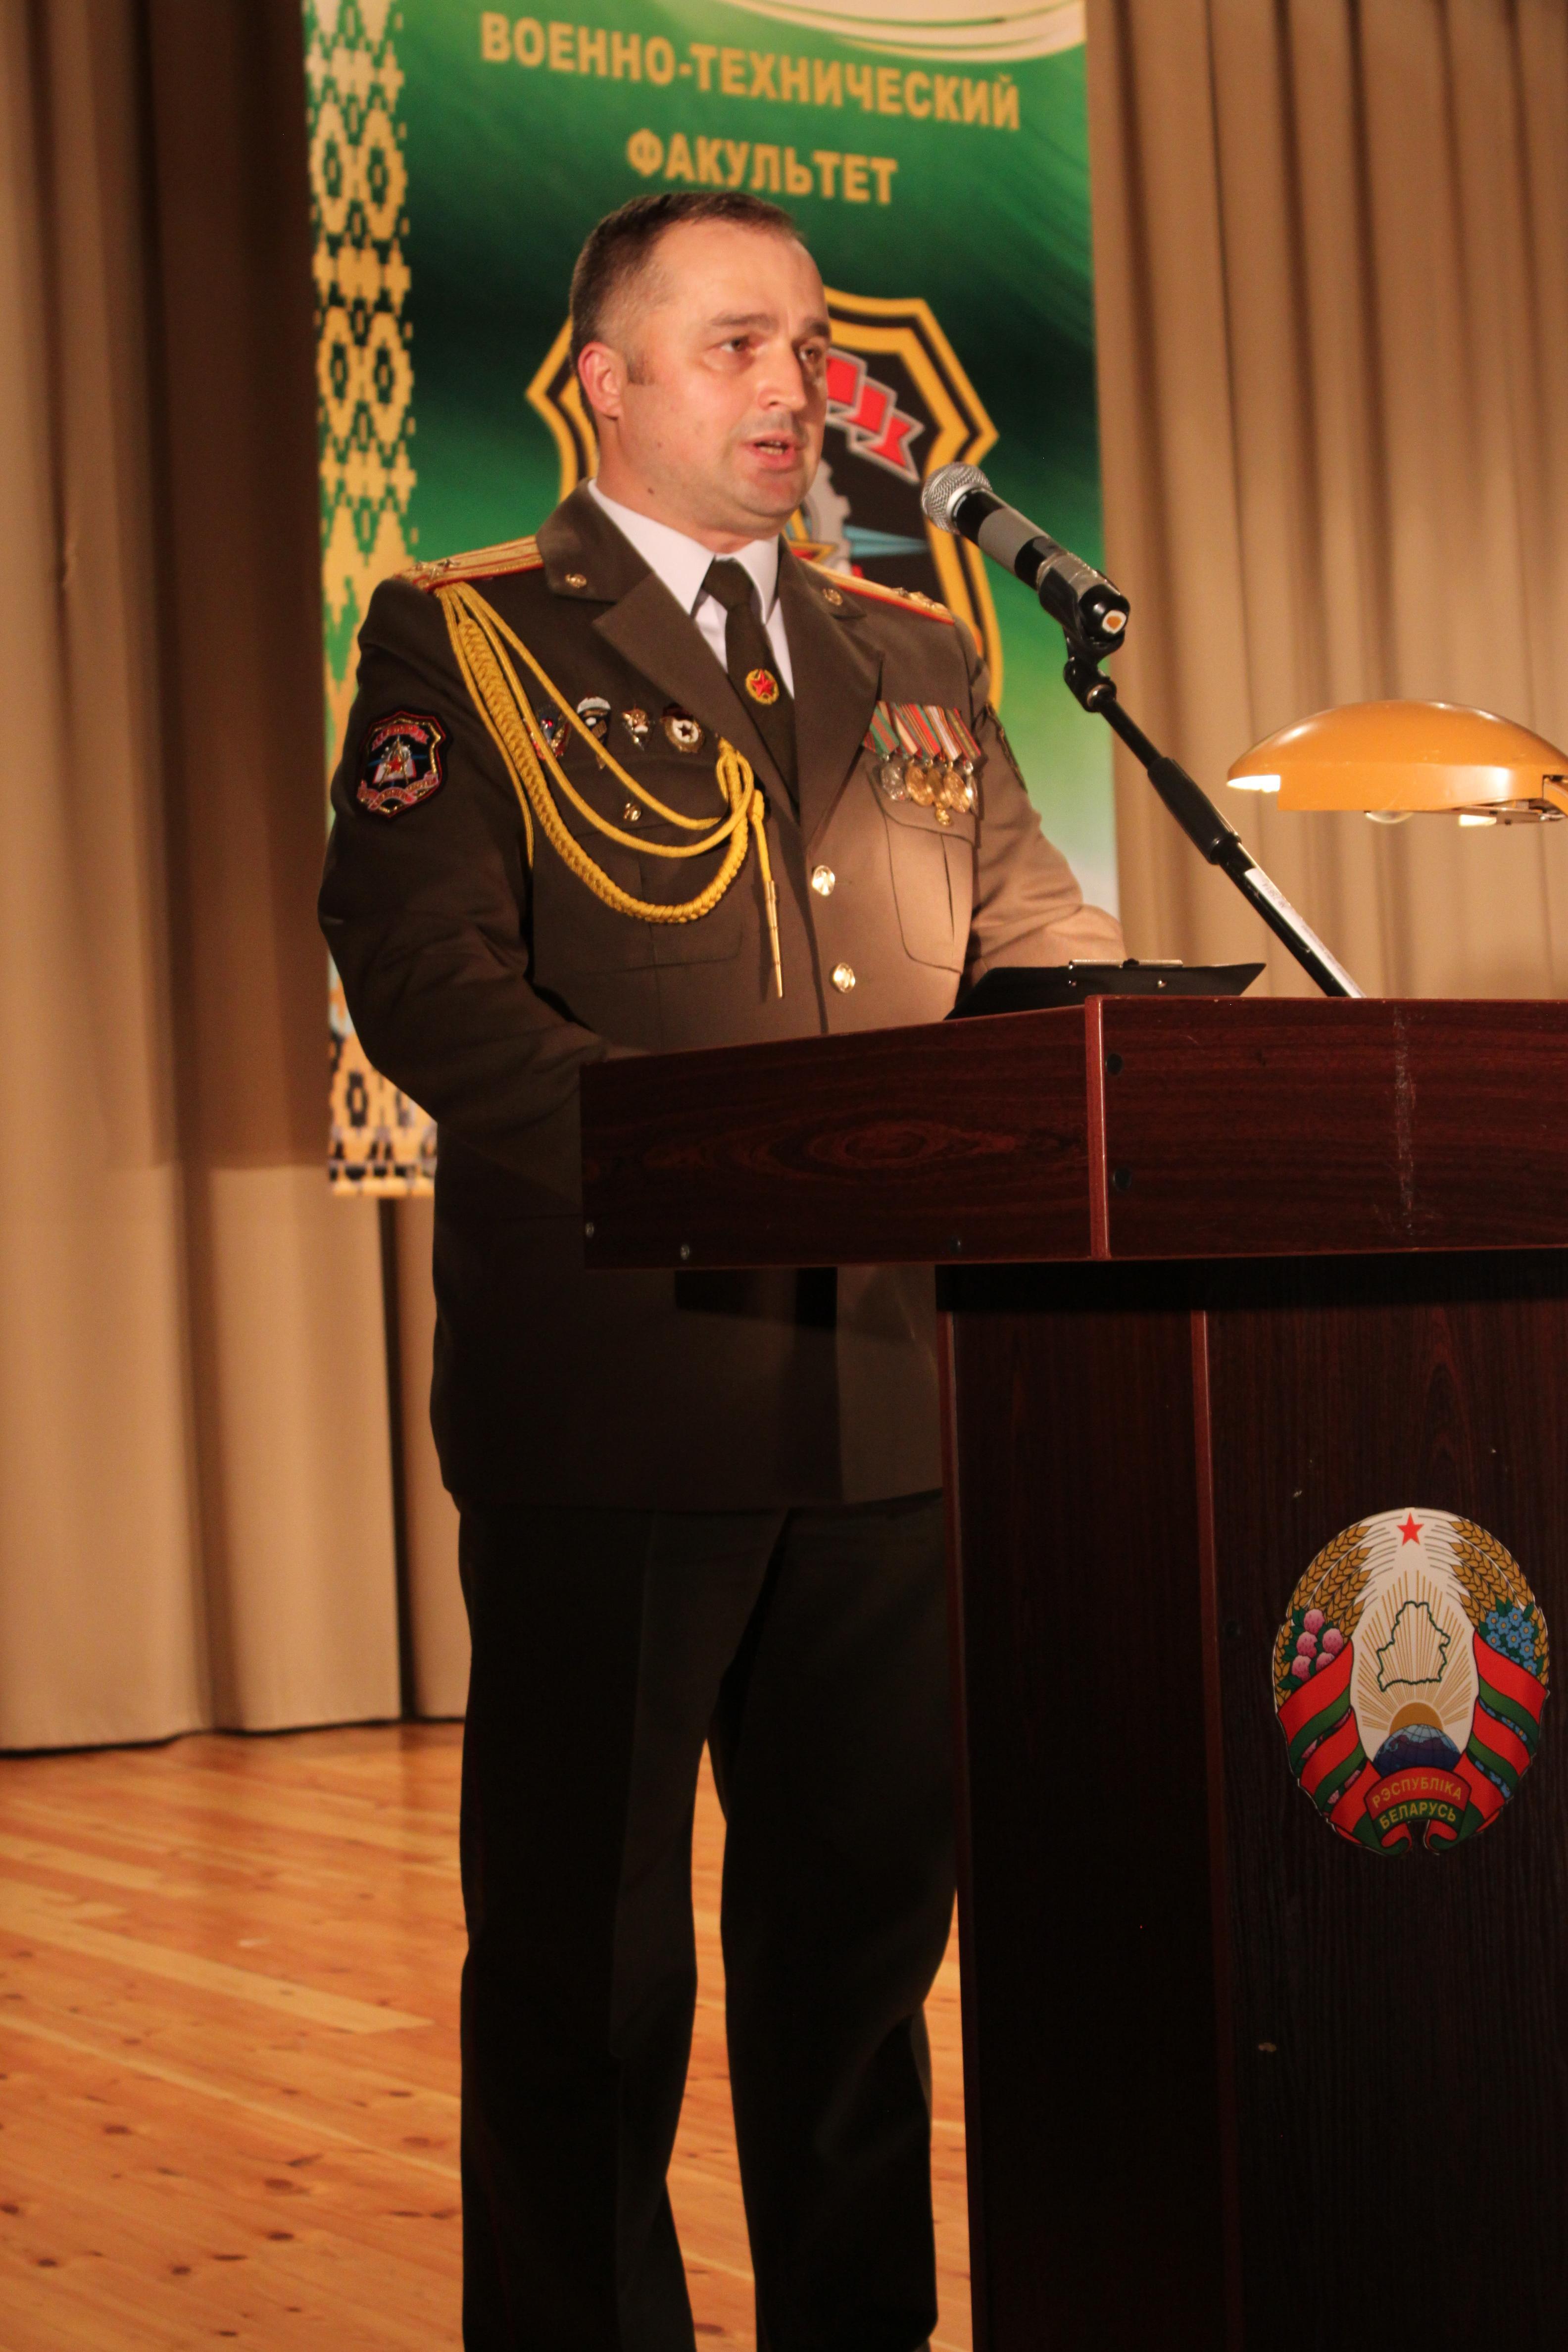 Начальник кафедры ТиОВП поковник Зырянов А.В. выступил с докладом